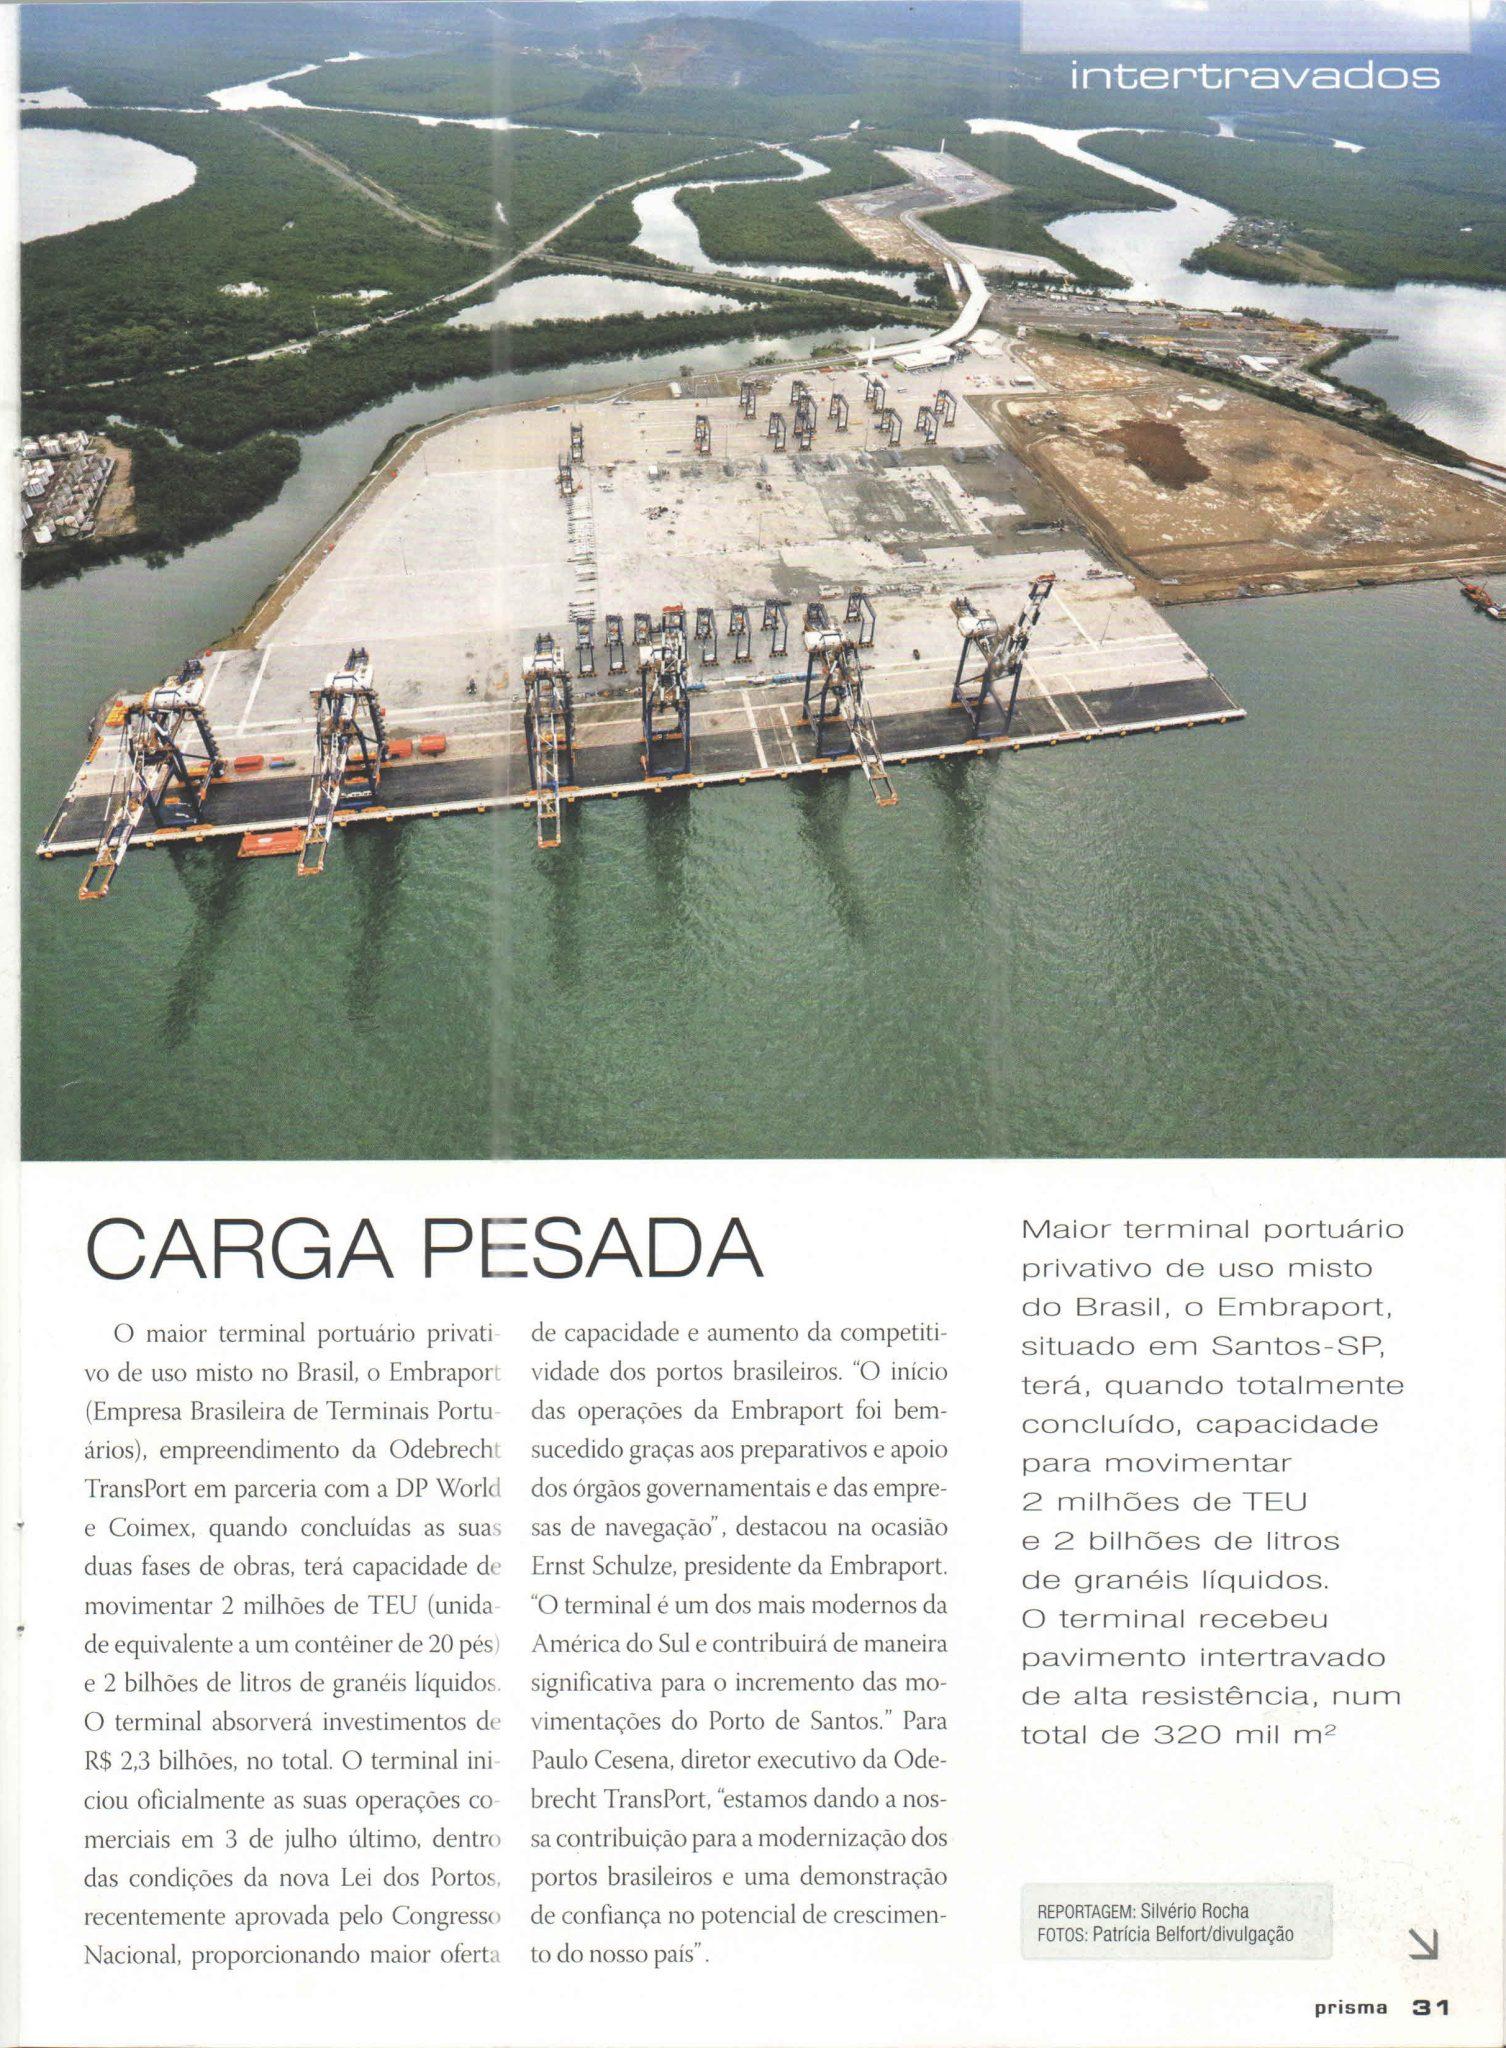 reportagem-prisma-folha-0-2013-embraport